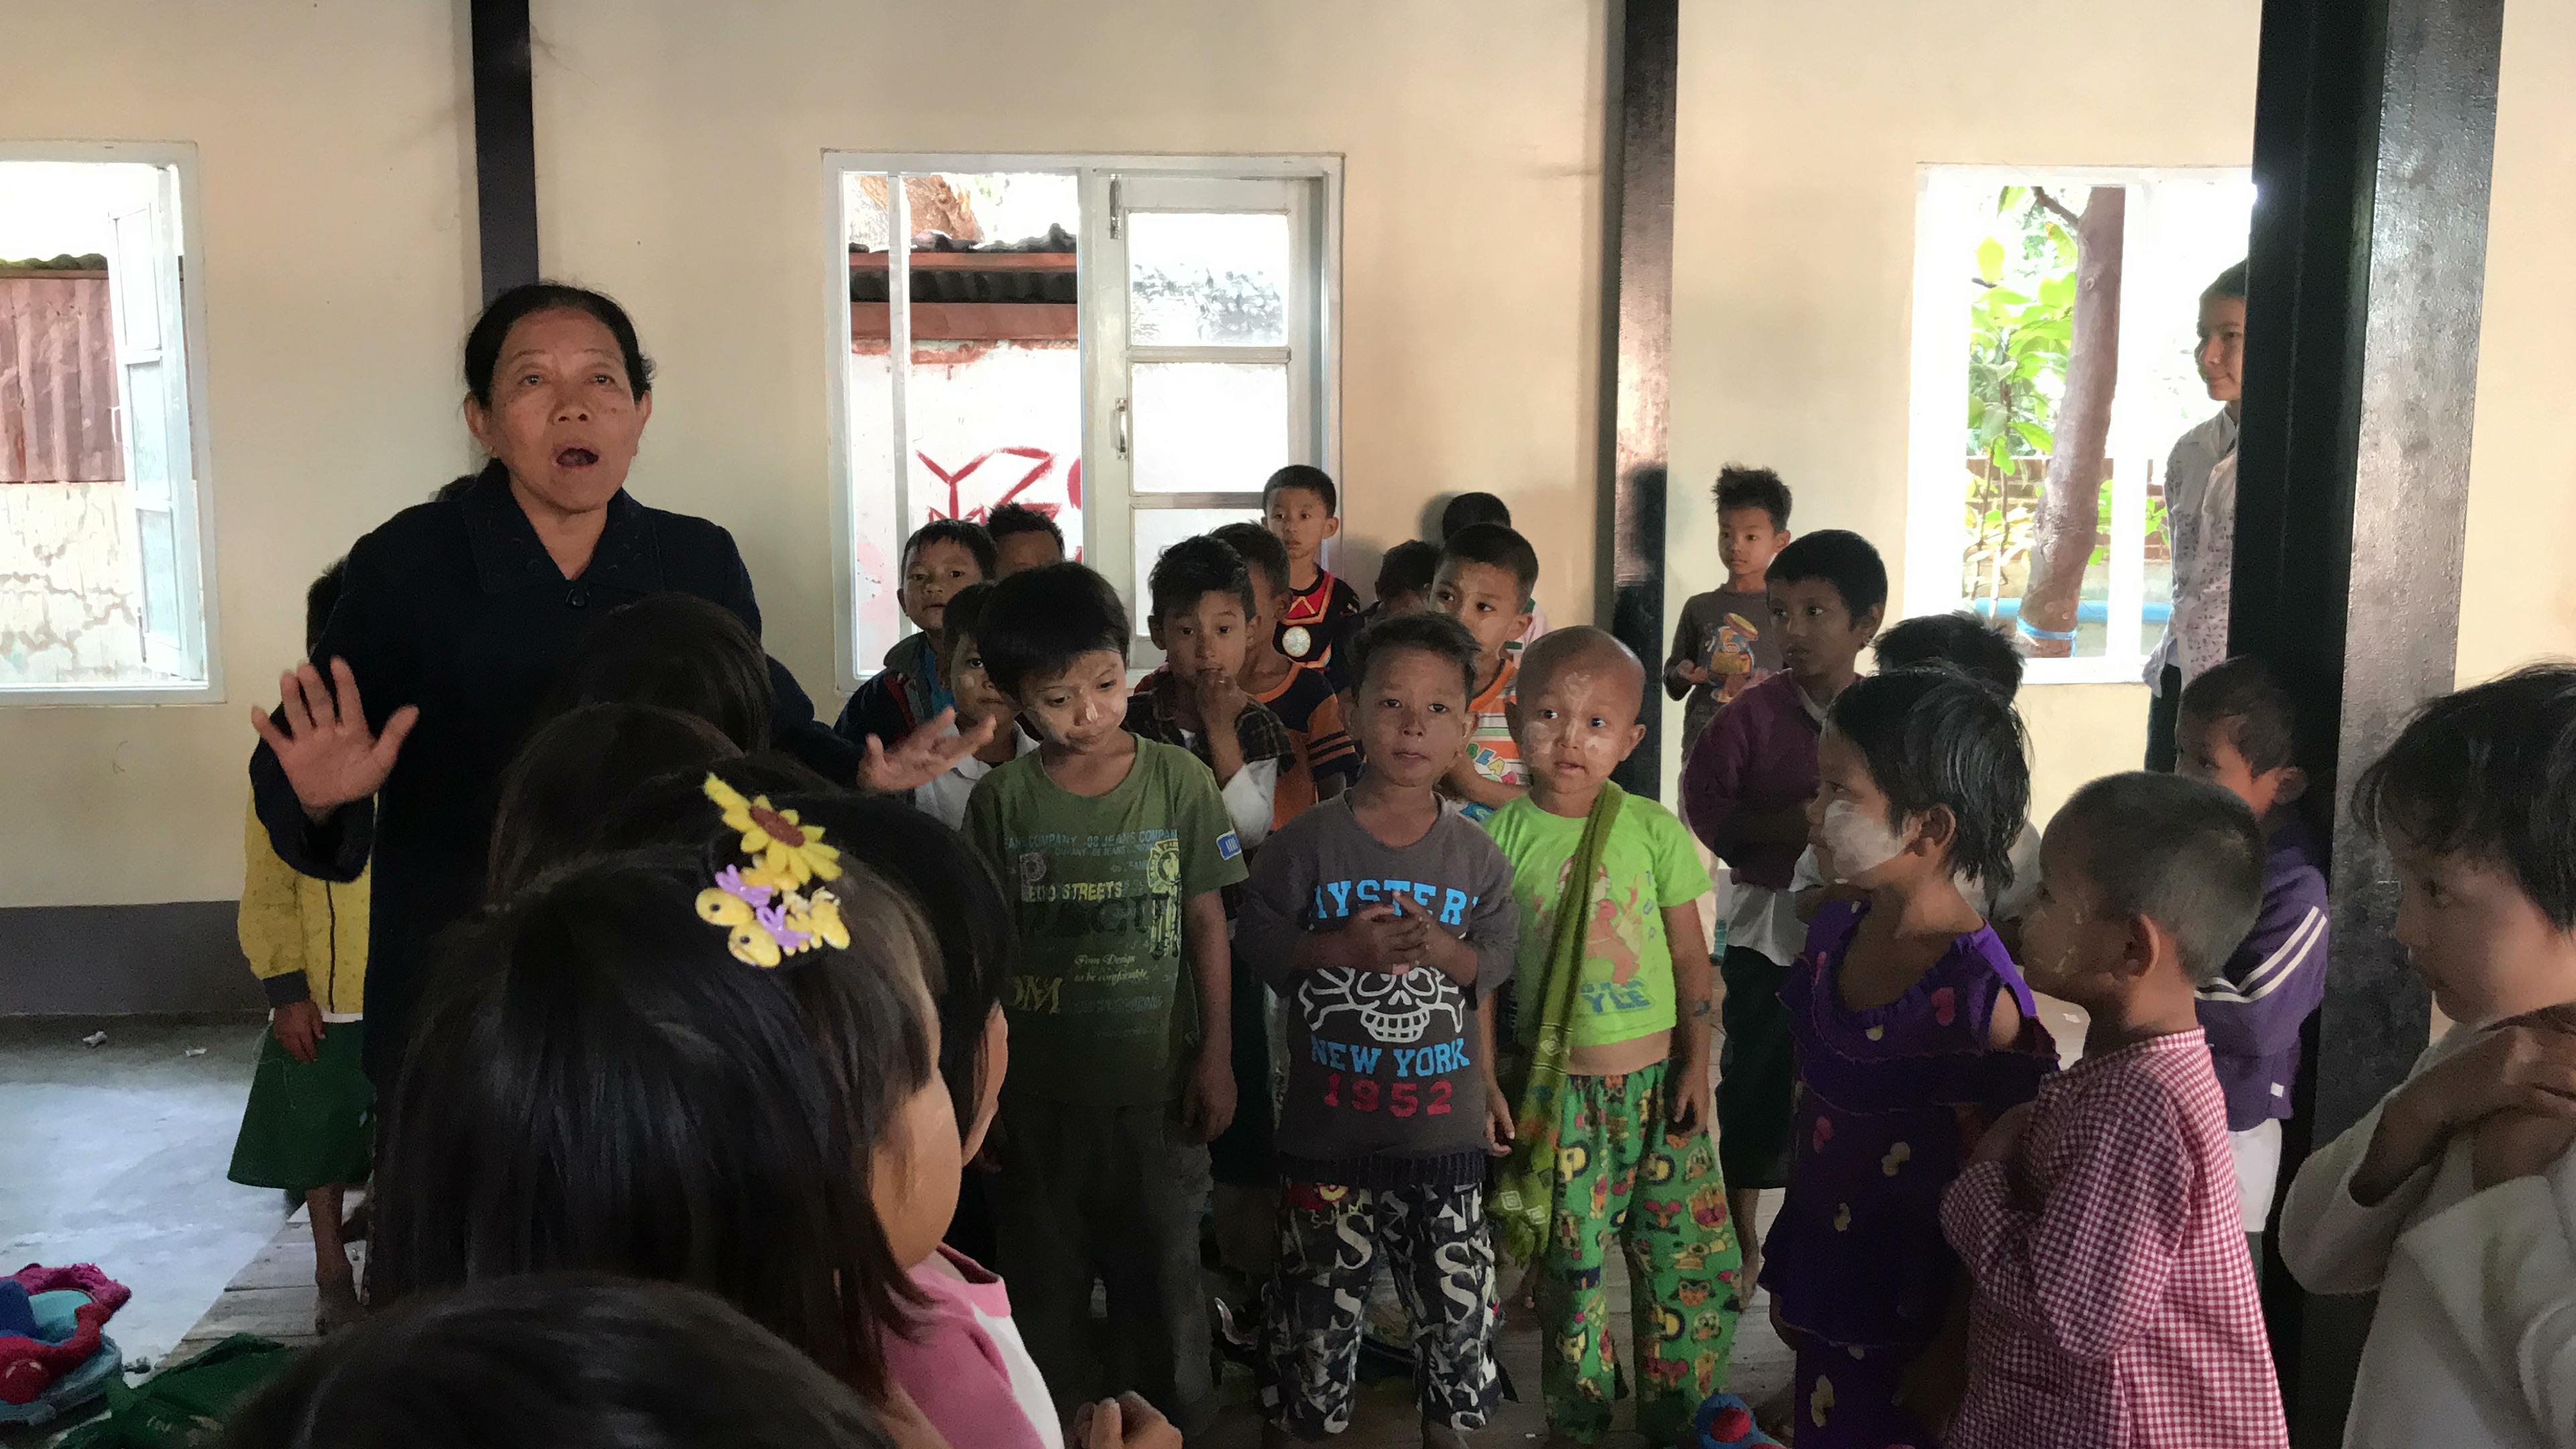 緬甸僧侶小學的資深英語老師與孩子們的教學互動,啟發青年團隊服務孩子們的志向